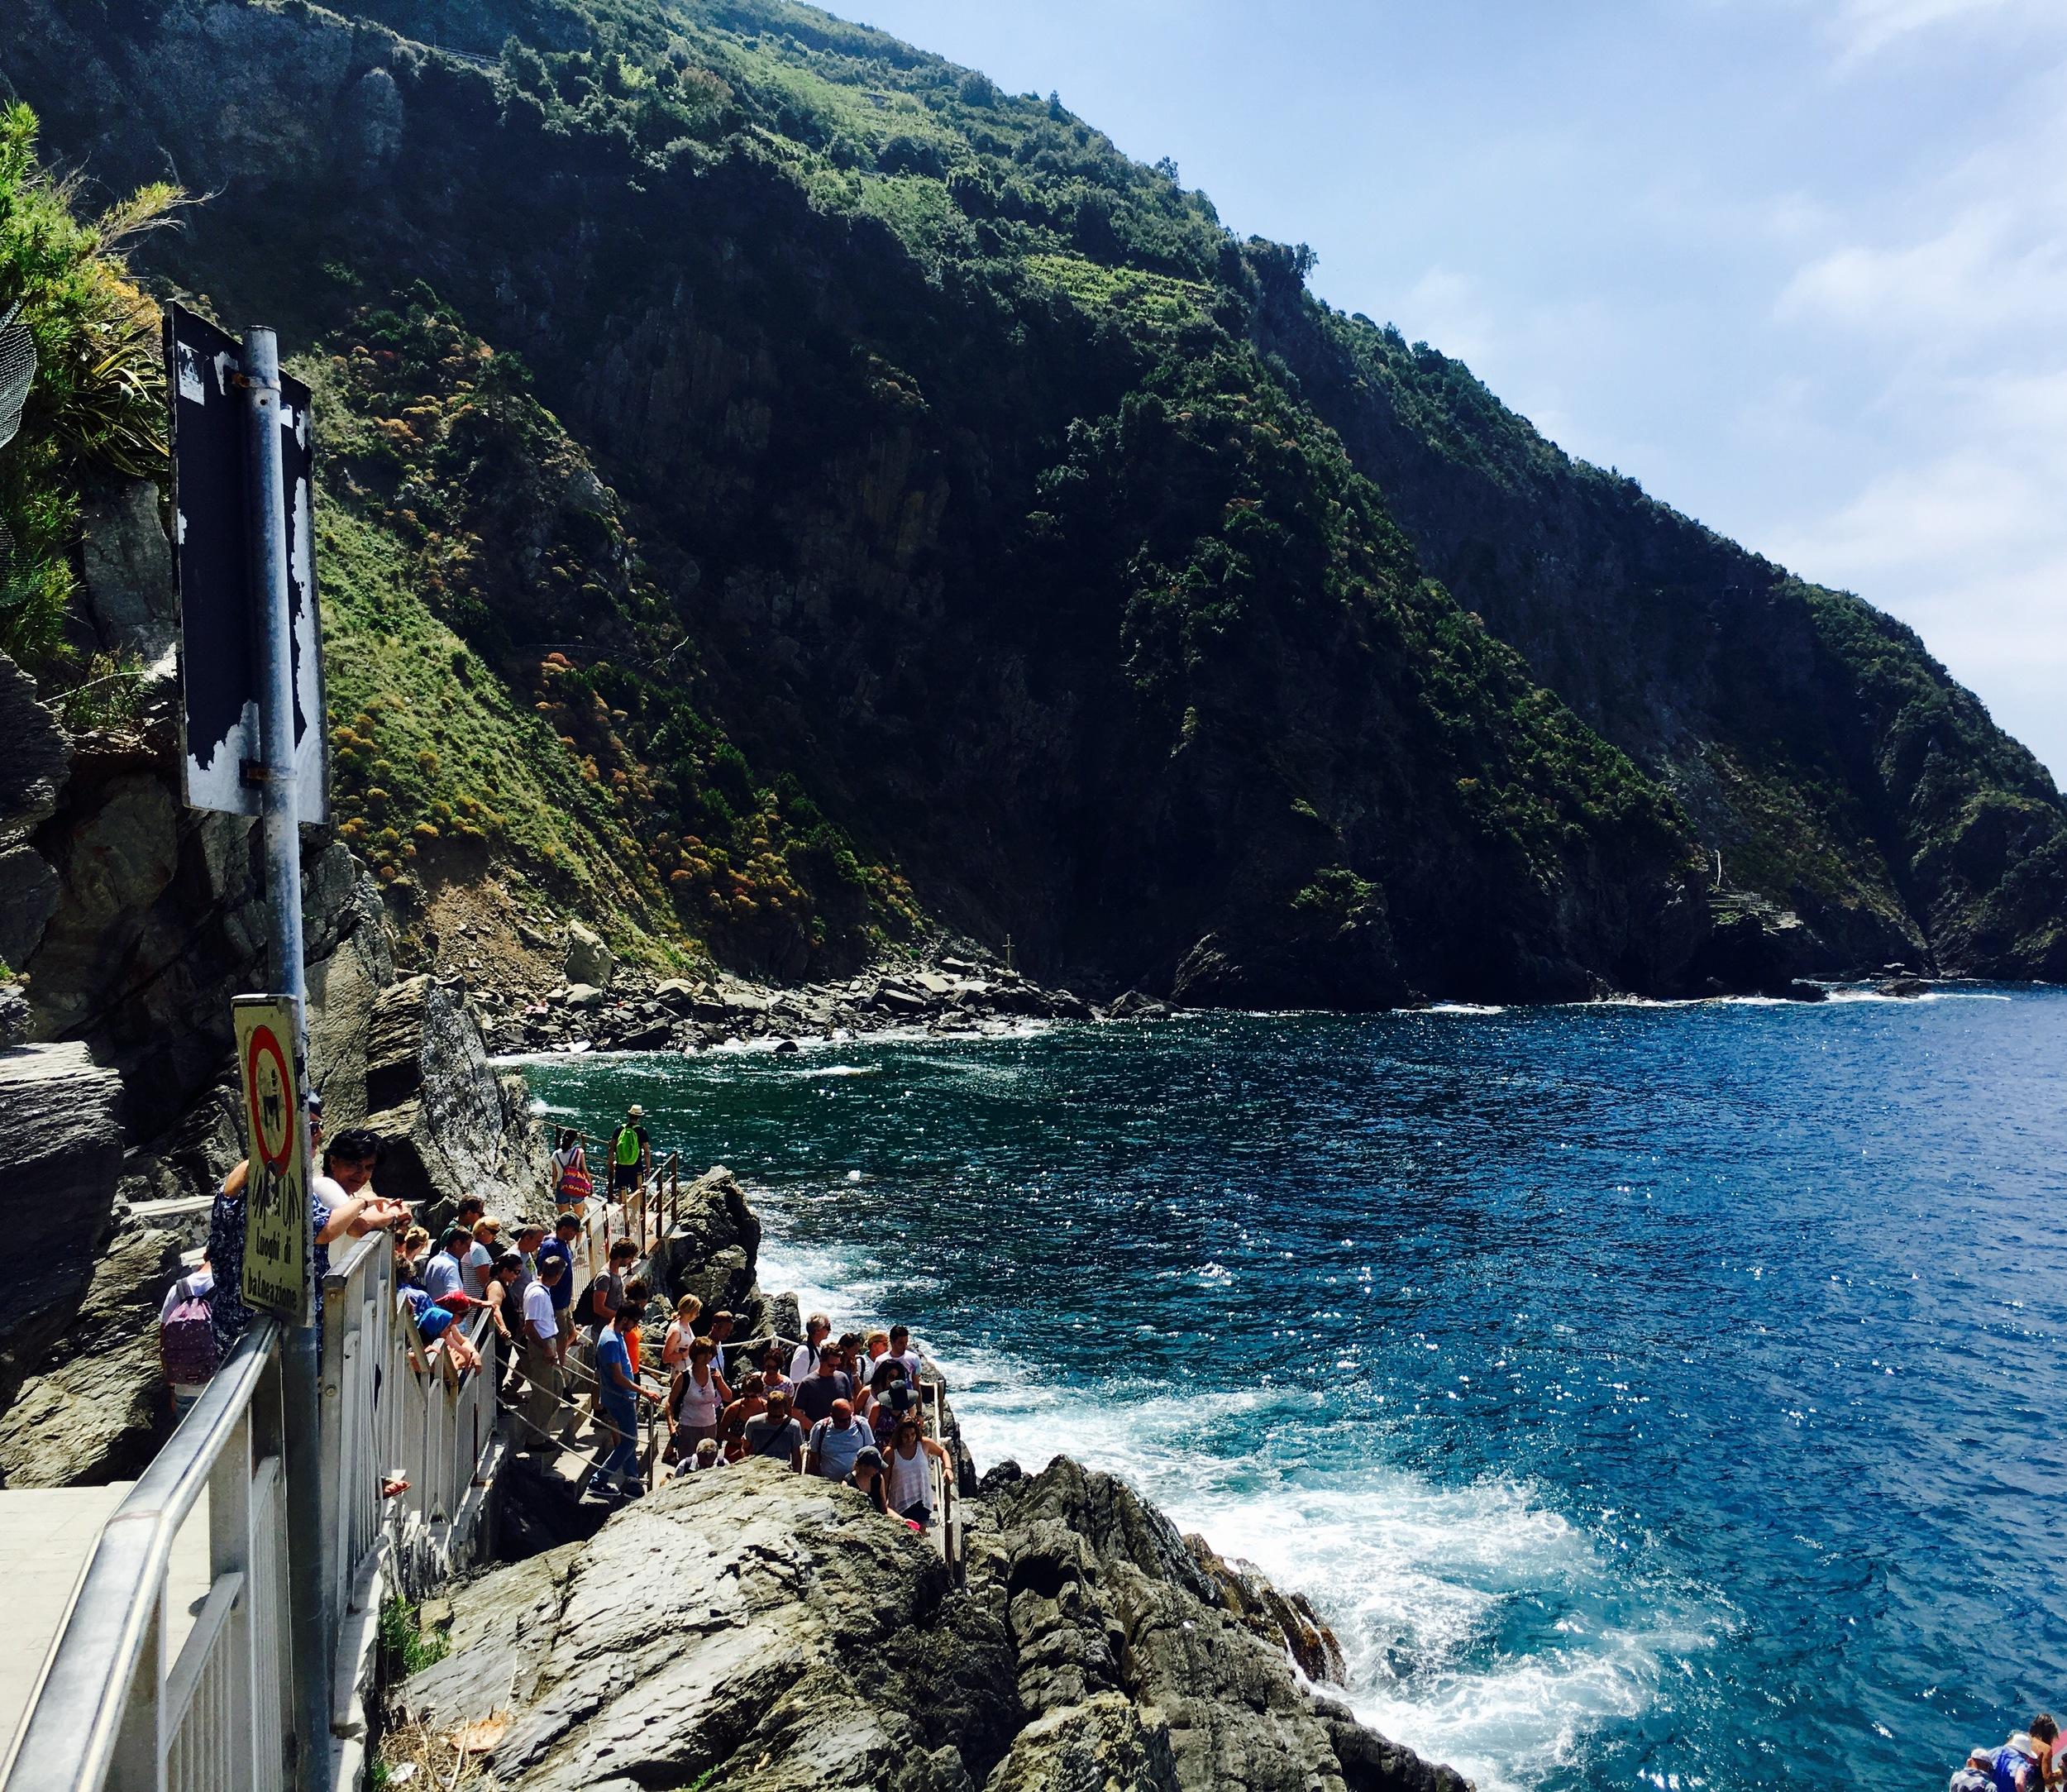 the harbor at Riomaggiore, Cinque Terre, Italy